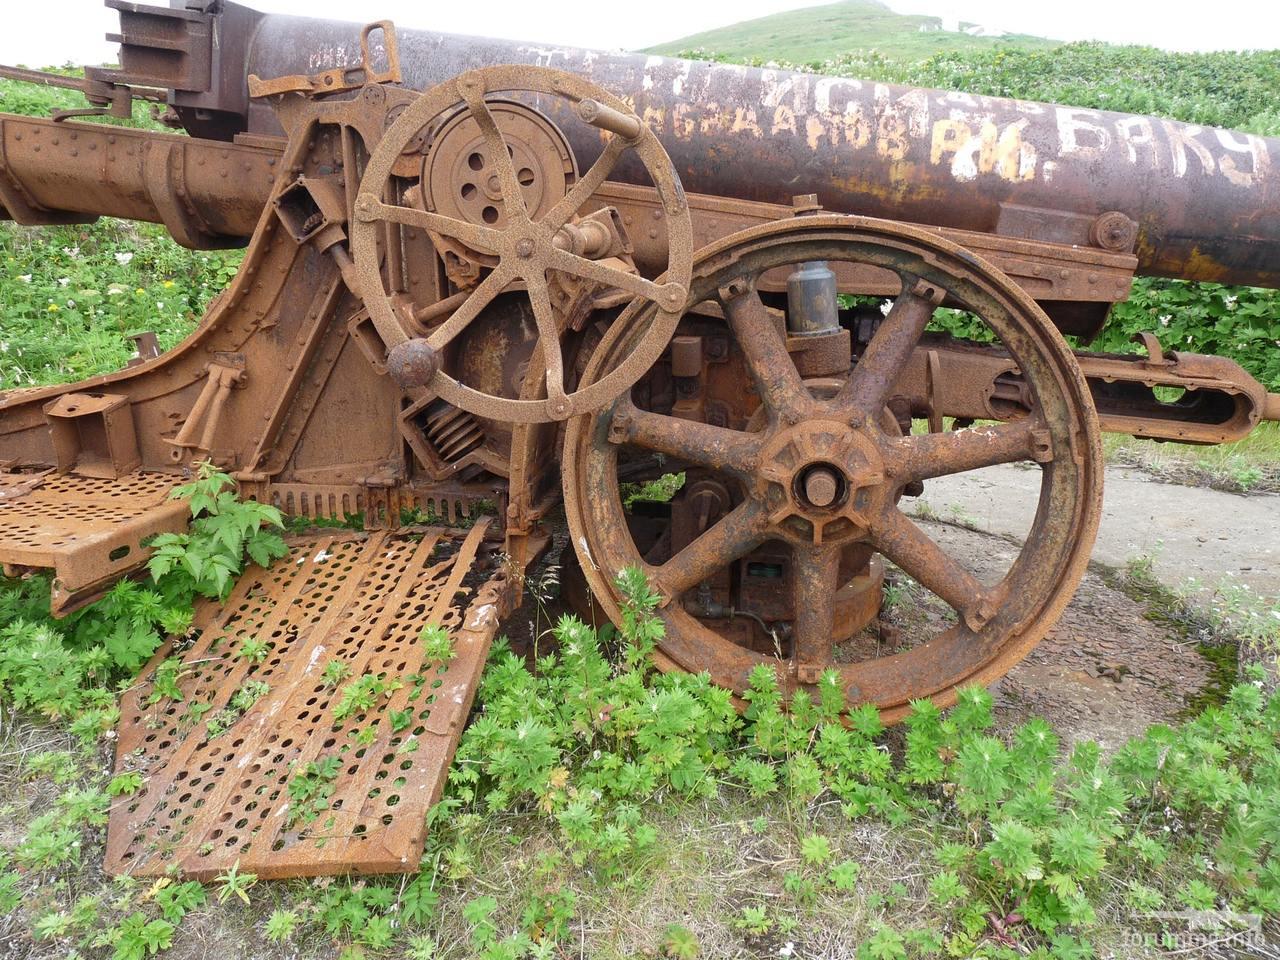 126744 - Корабельные пушки-монстры в музеях и во дворах...